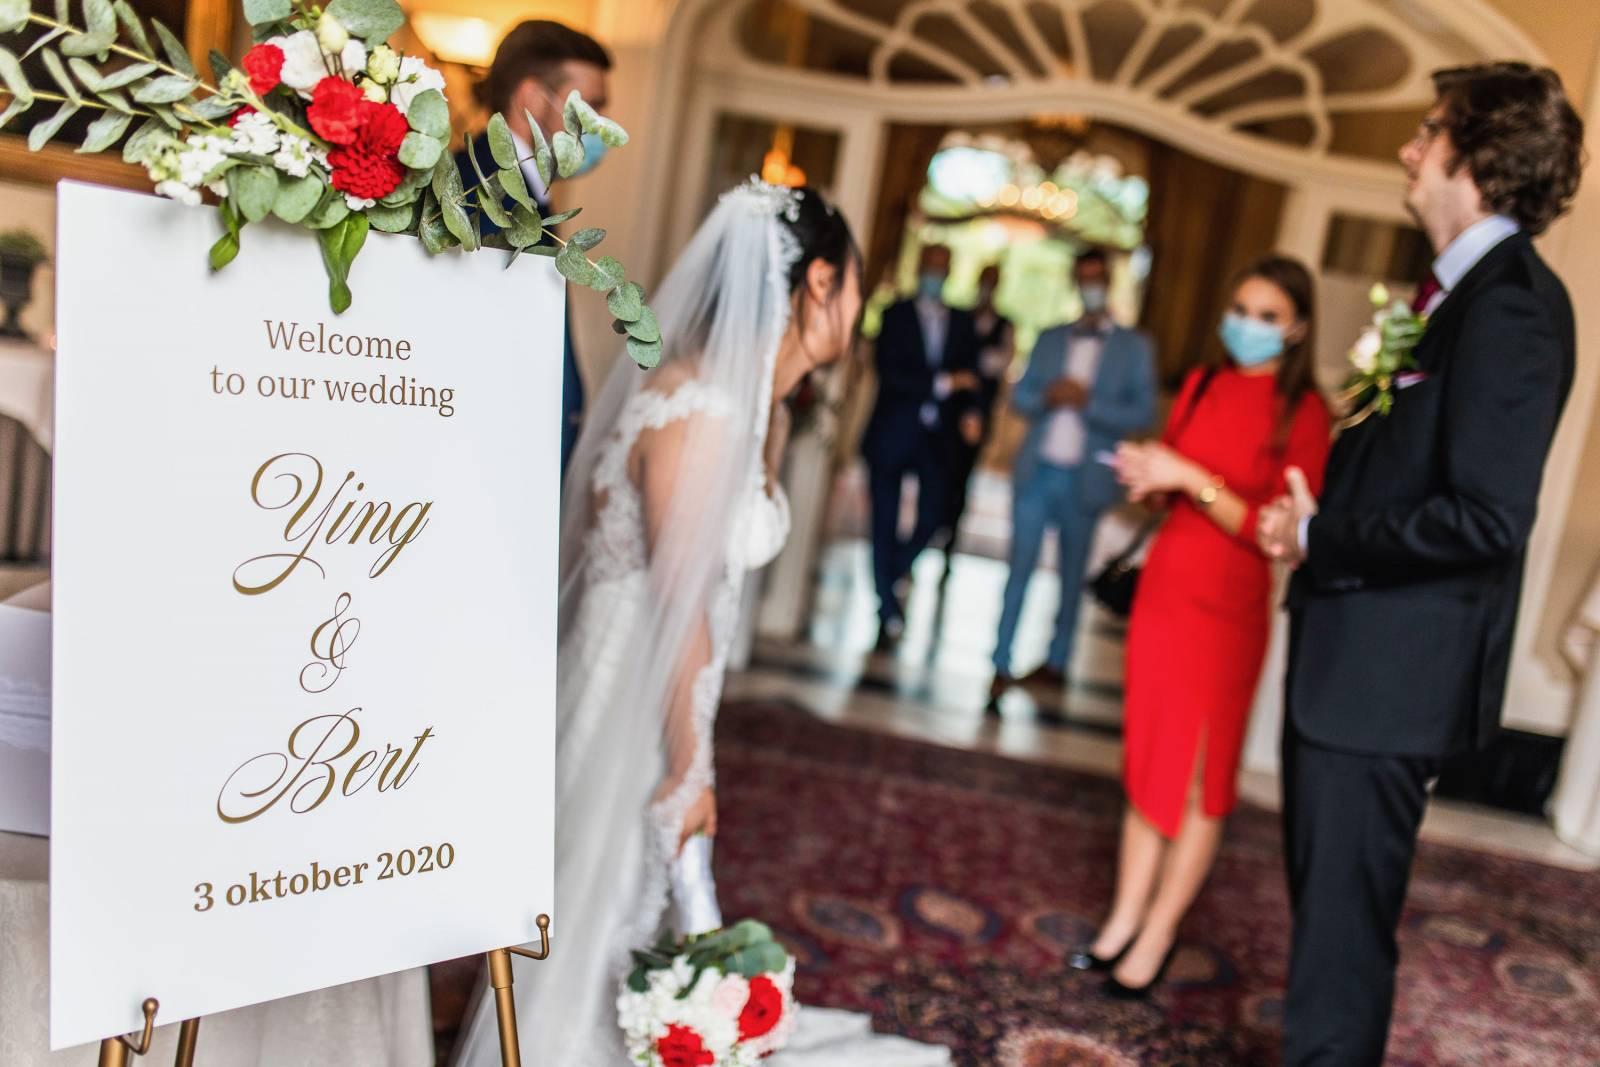 VIVA Blooming - 217-kleur-Bert-Ying-0924-min - House of Weddings